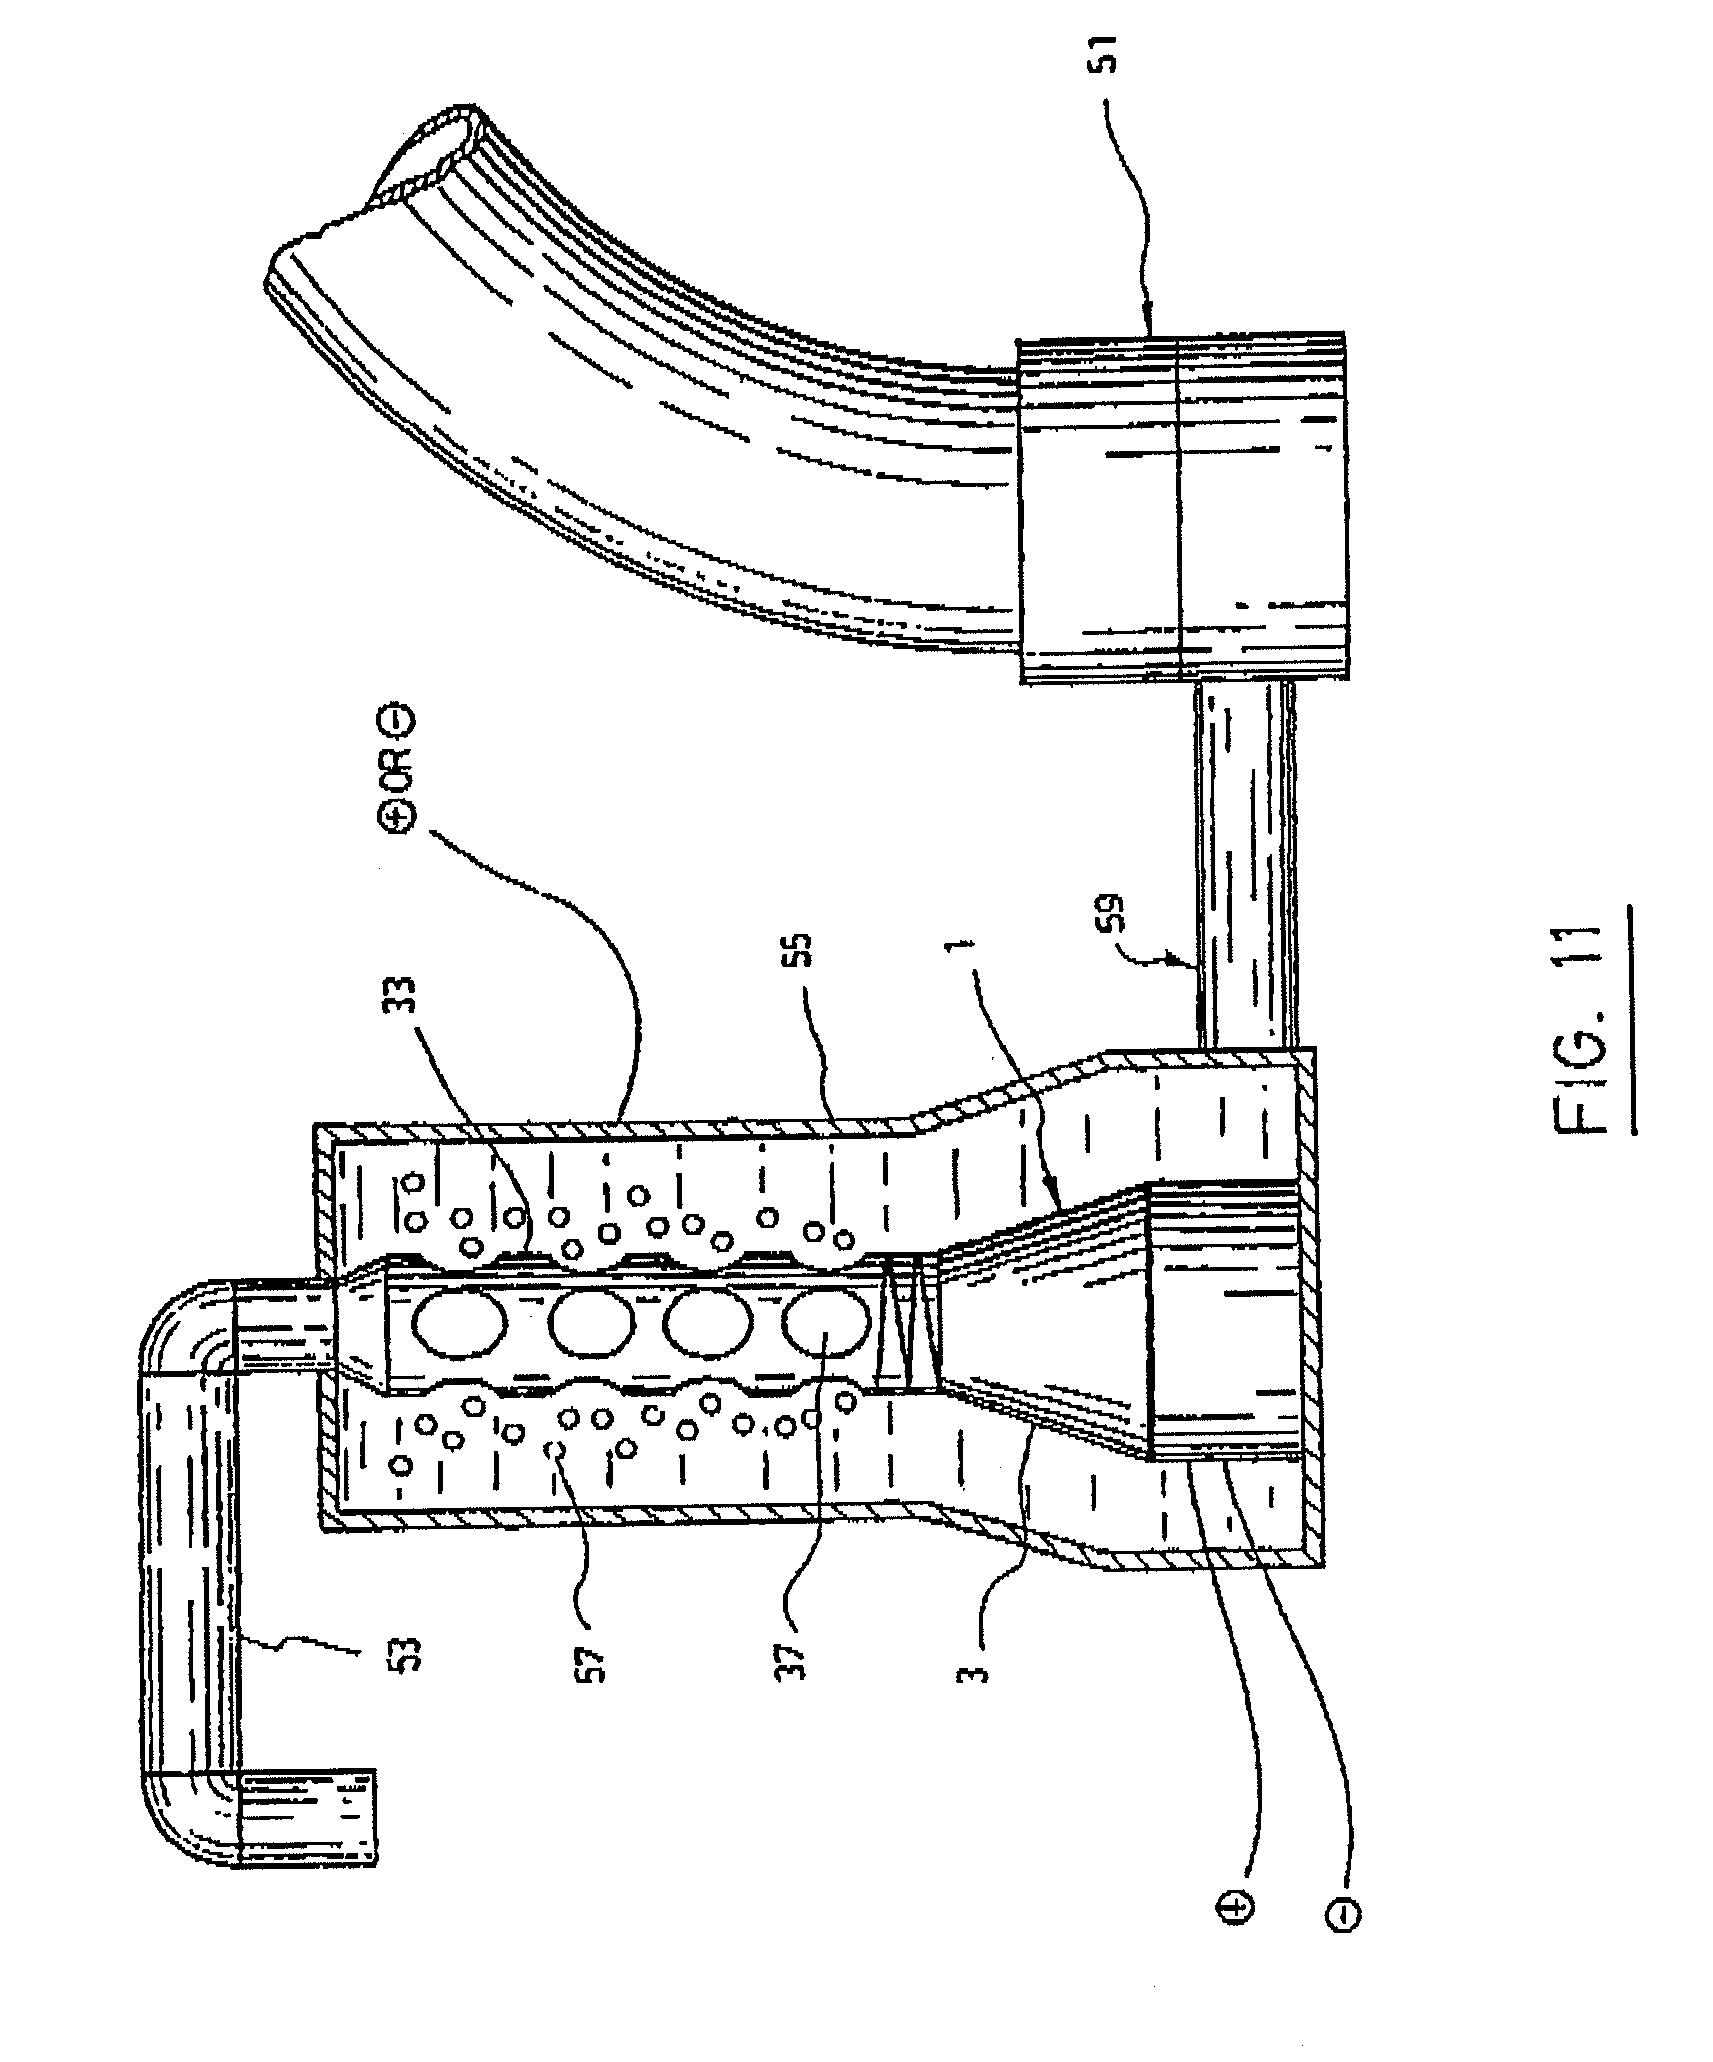 powermate generator wiring diagrams